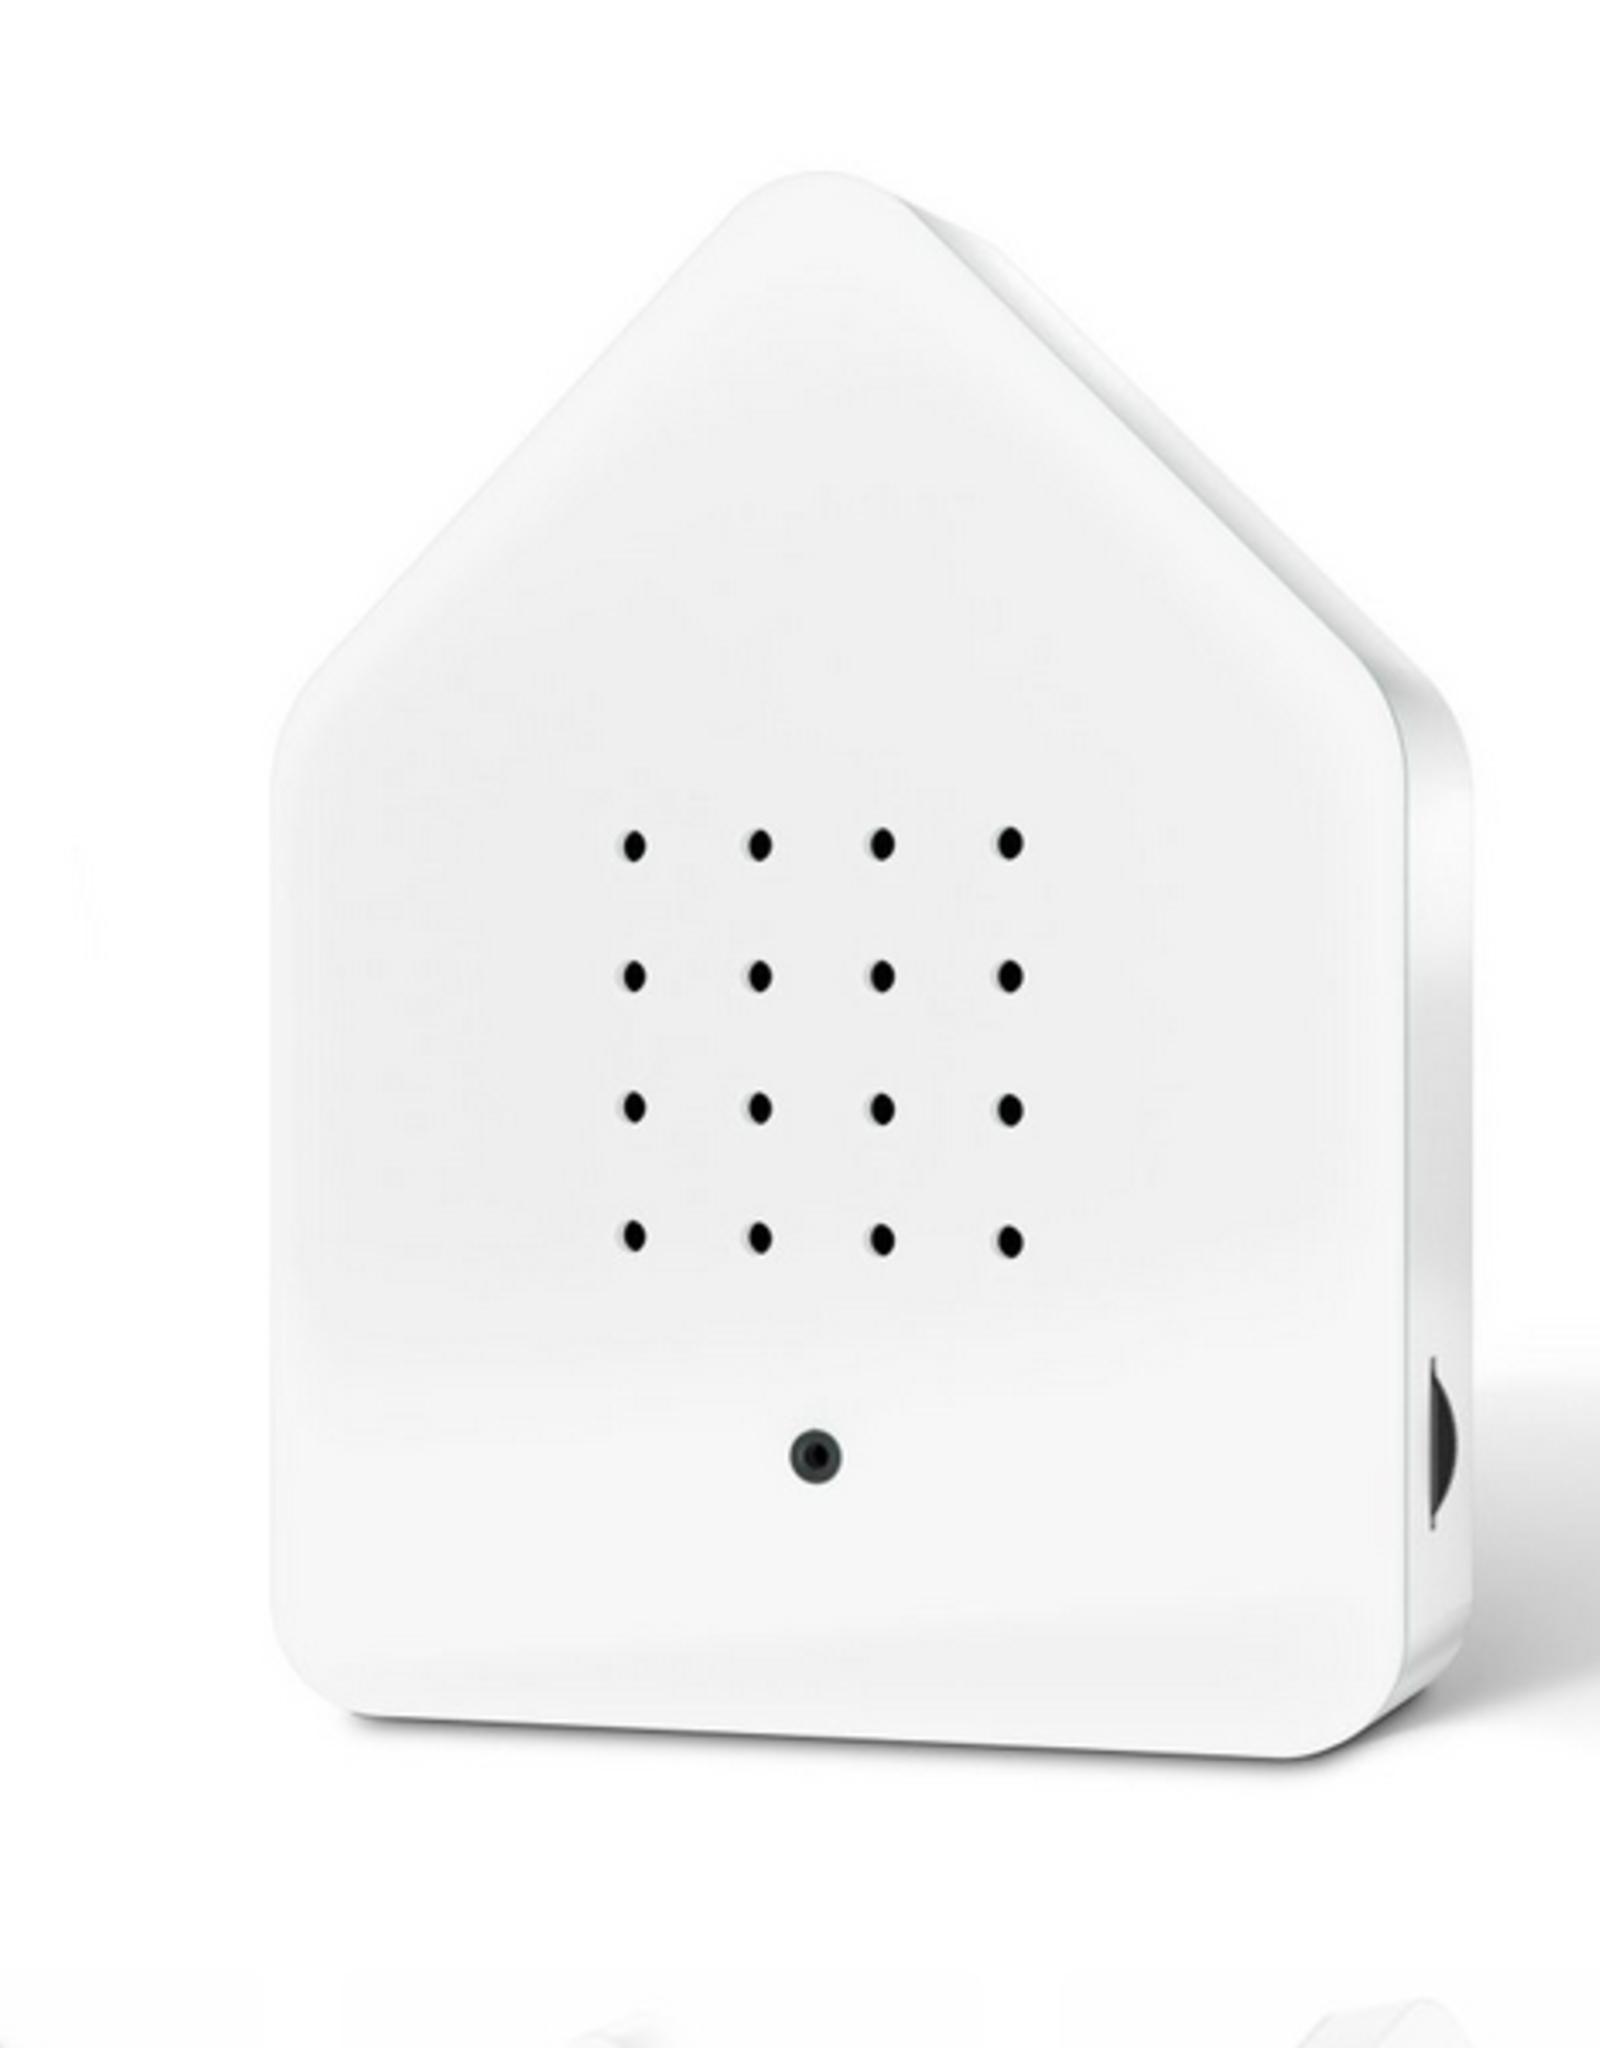 Zwitscherbox Zwitscherbox - Classic White